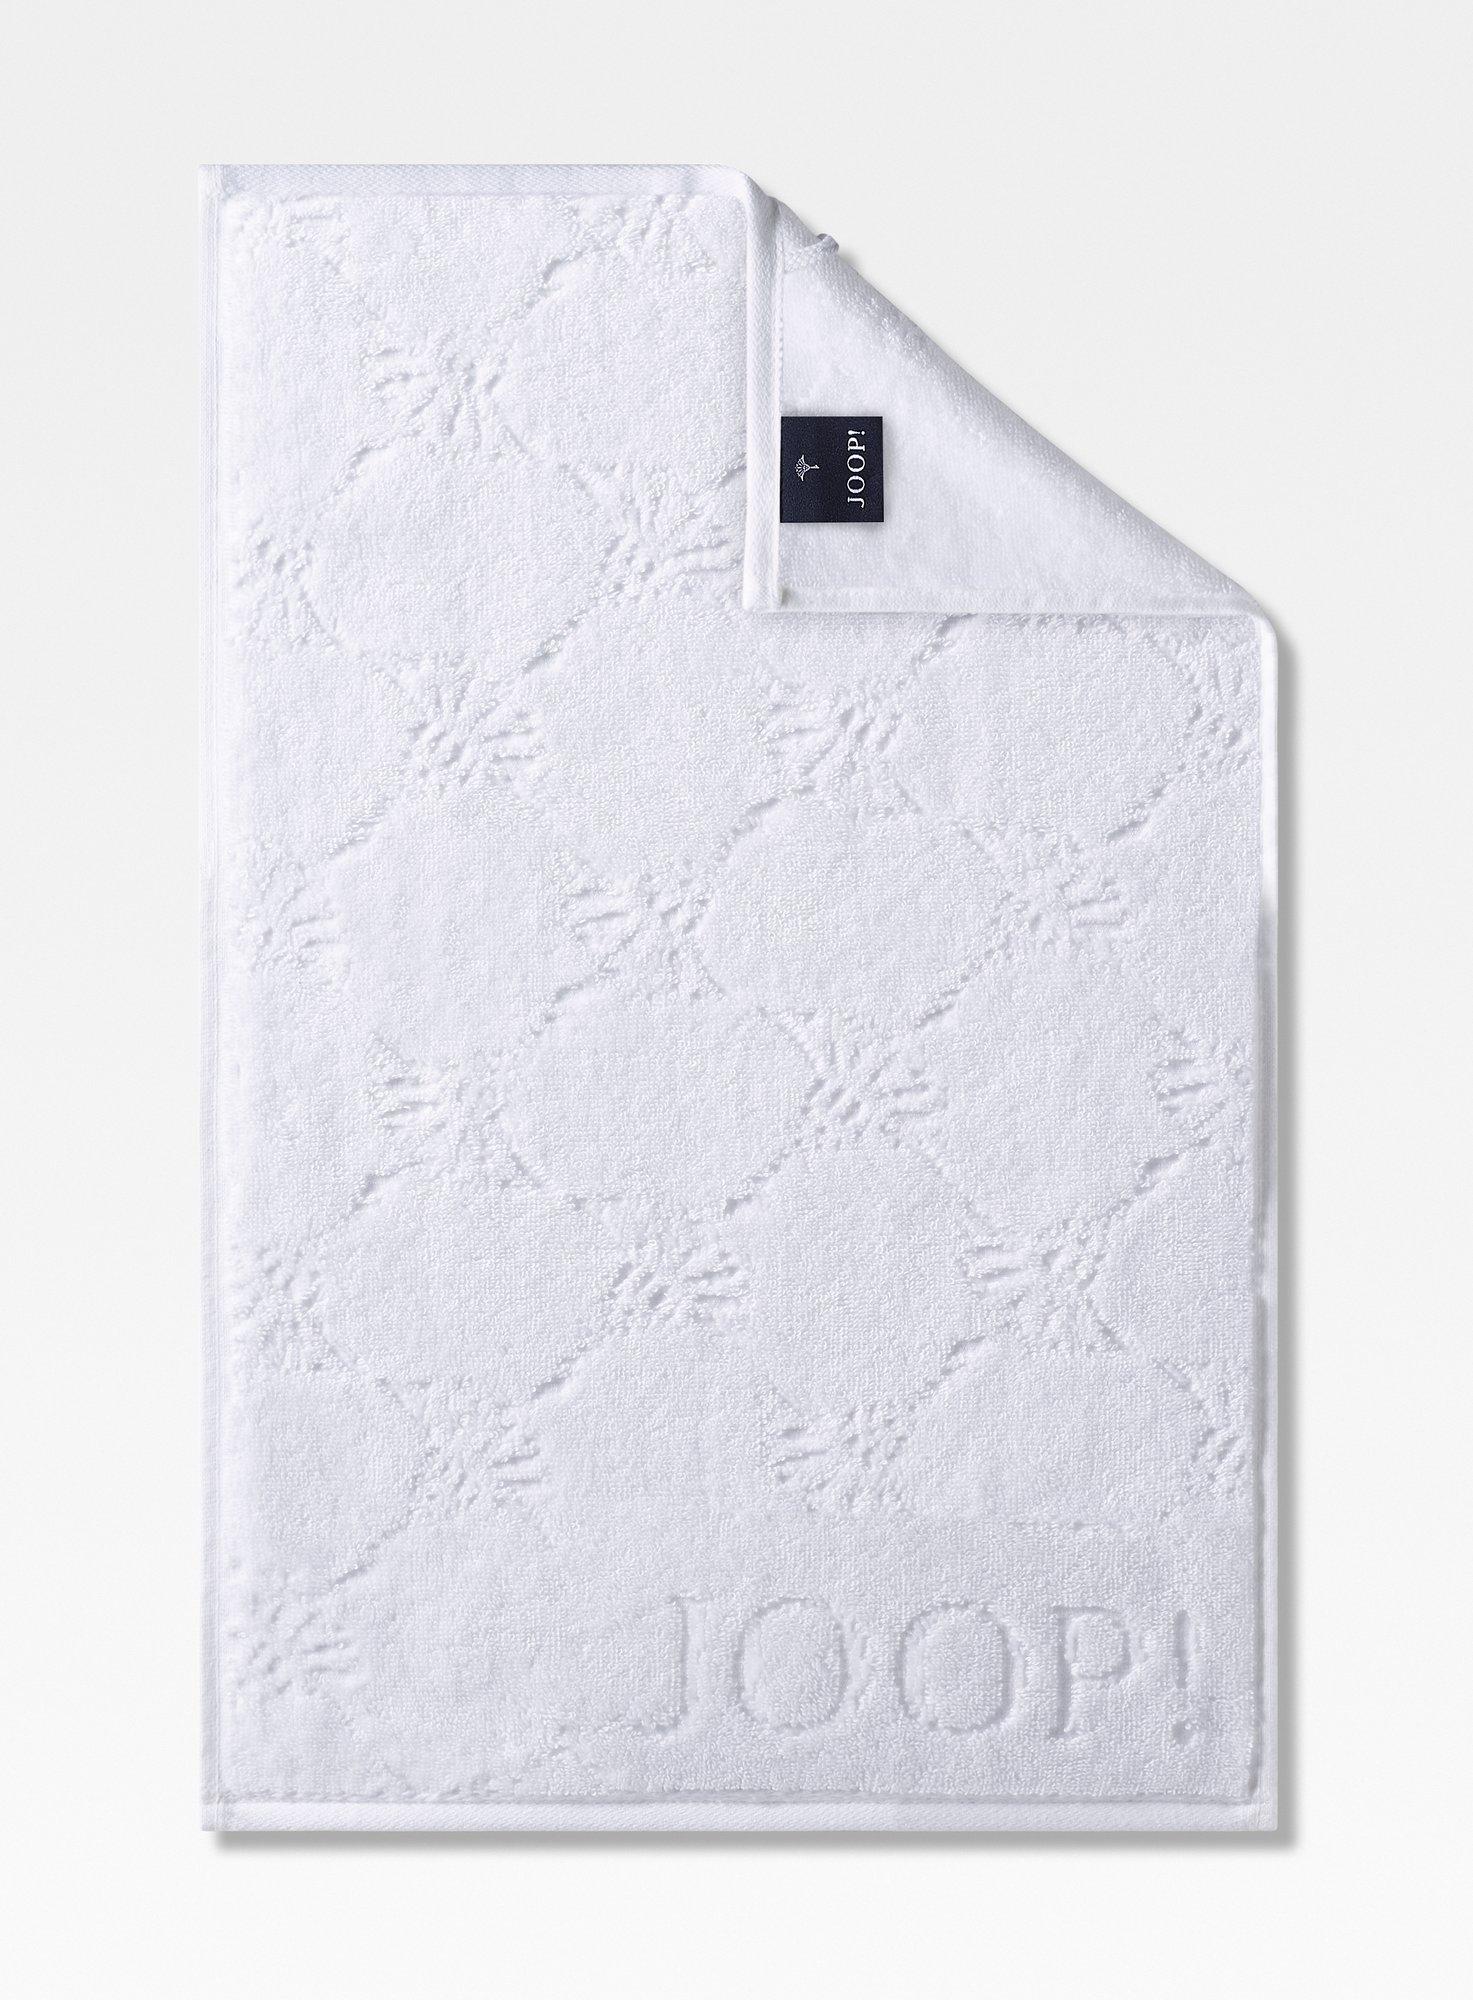 joop g stetuch uni cornflower wei 30x50 cm aus liebe. Black Bedroom Furniture Sets. Home Design Ideas